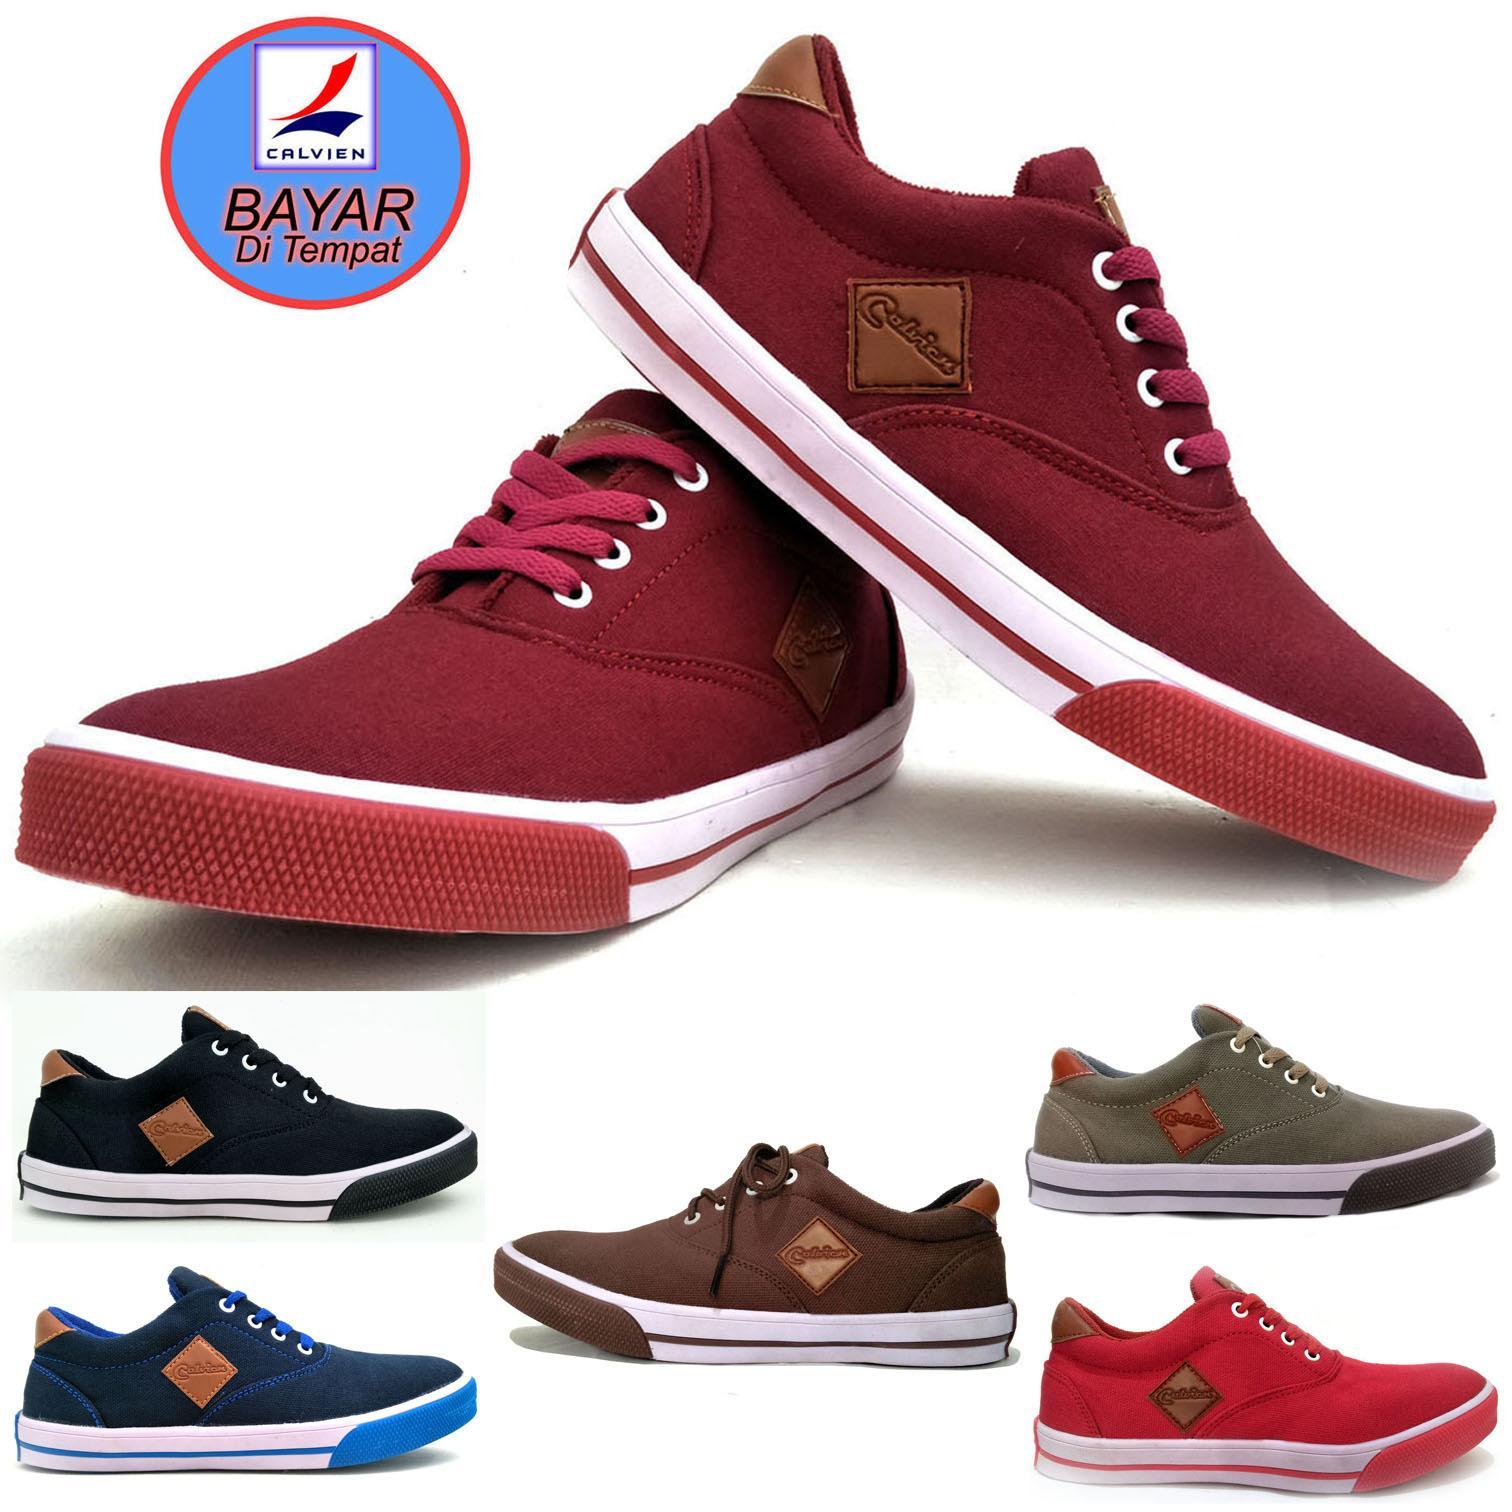 Sepatu Calvien/sepatu/sneakers/sepatu sneakers/sepatu kets/sepatu pria/